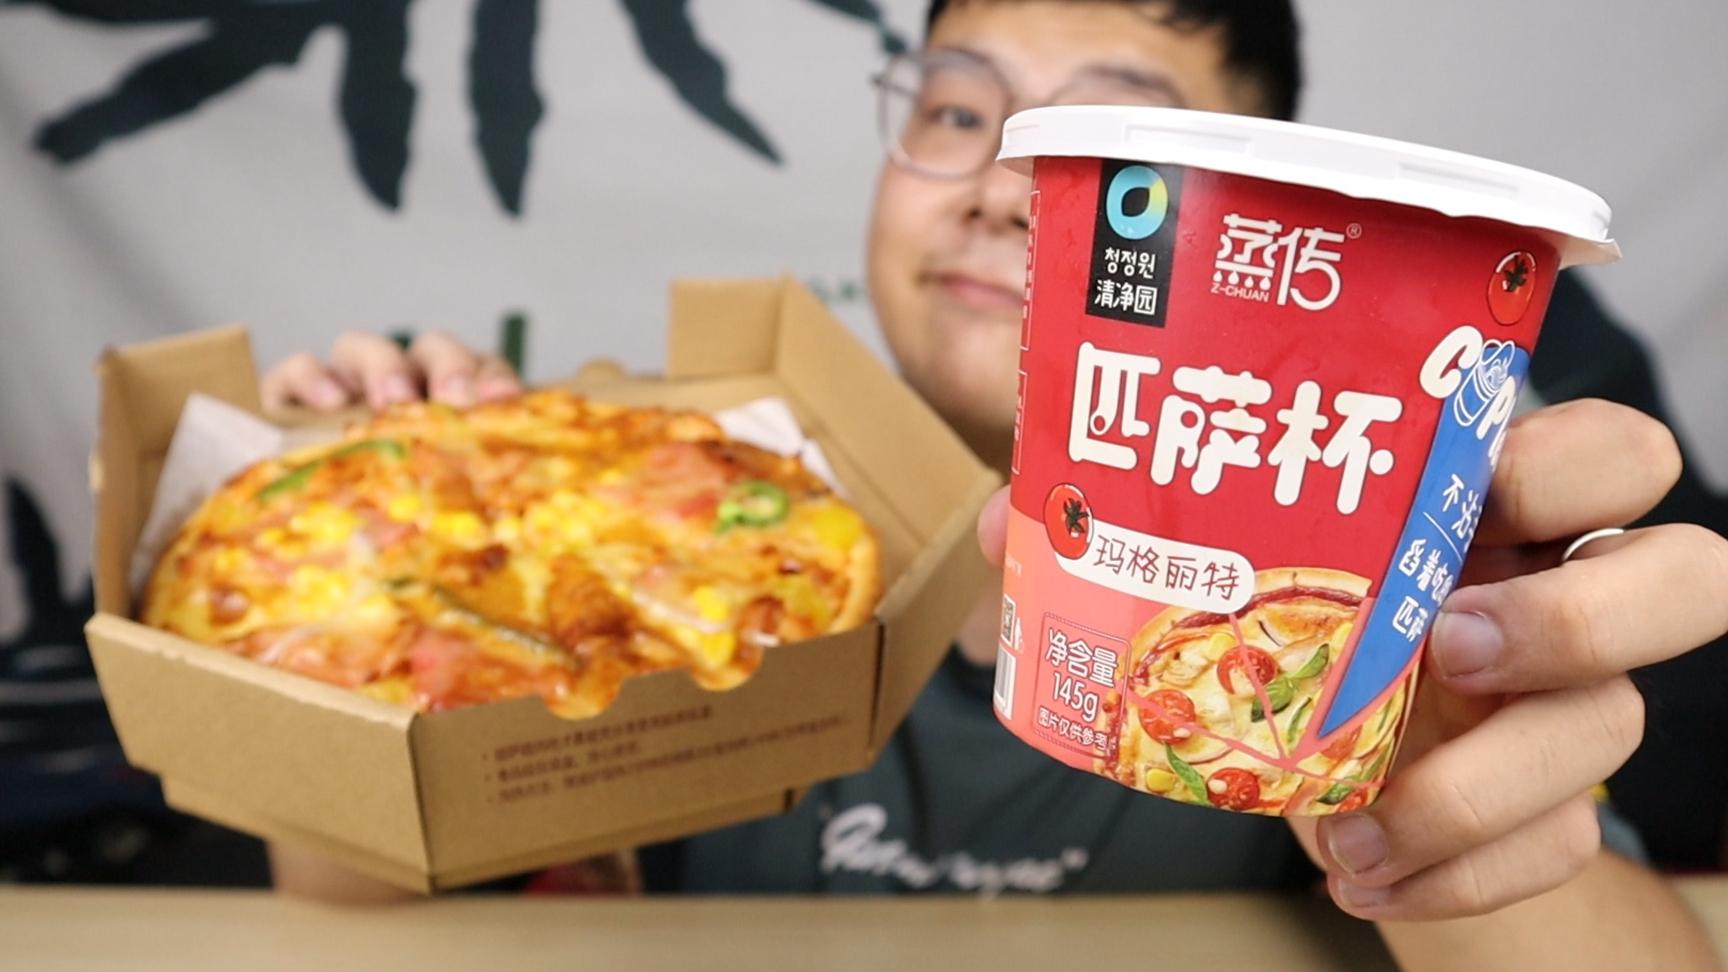 披萨也可以用杯子卖?试吃15元披萨杯,这东西真的好吃吗?